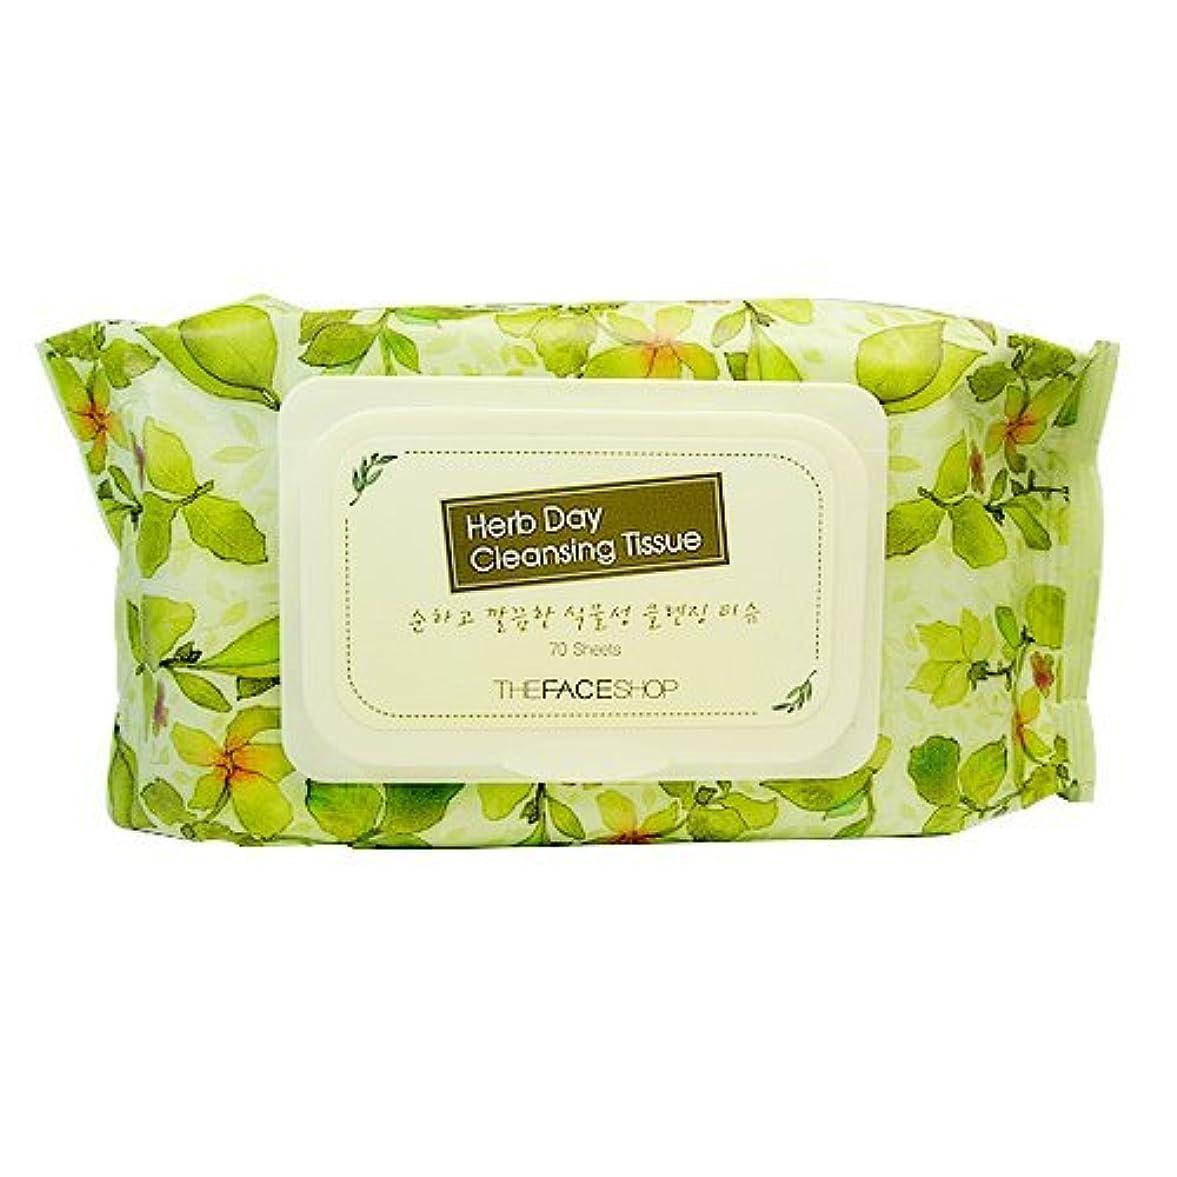 一部反対アクティビティザフェイスショップ/the face shop ハーブデイクレンジングティッシュ70枚(Herb day cleansing Tissue 70 sheets)